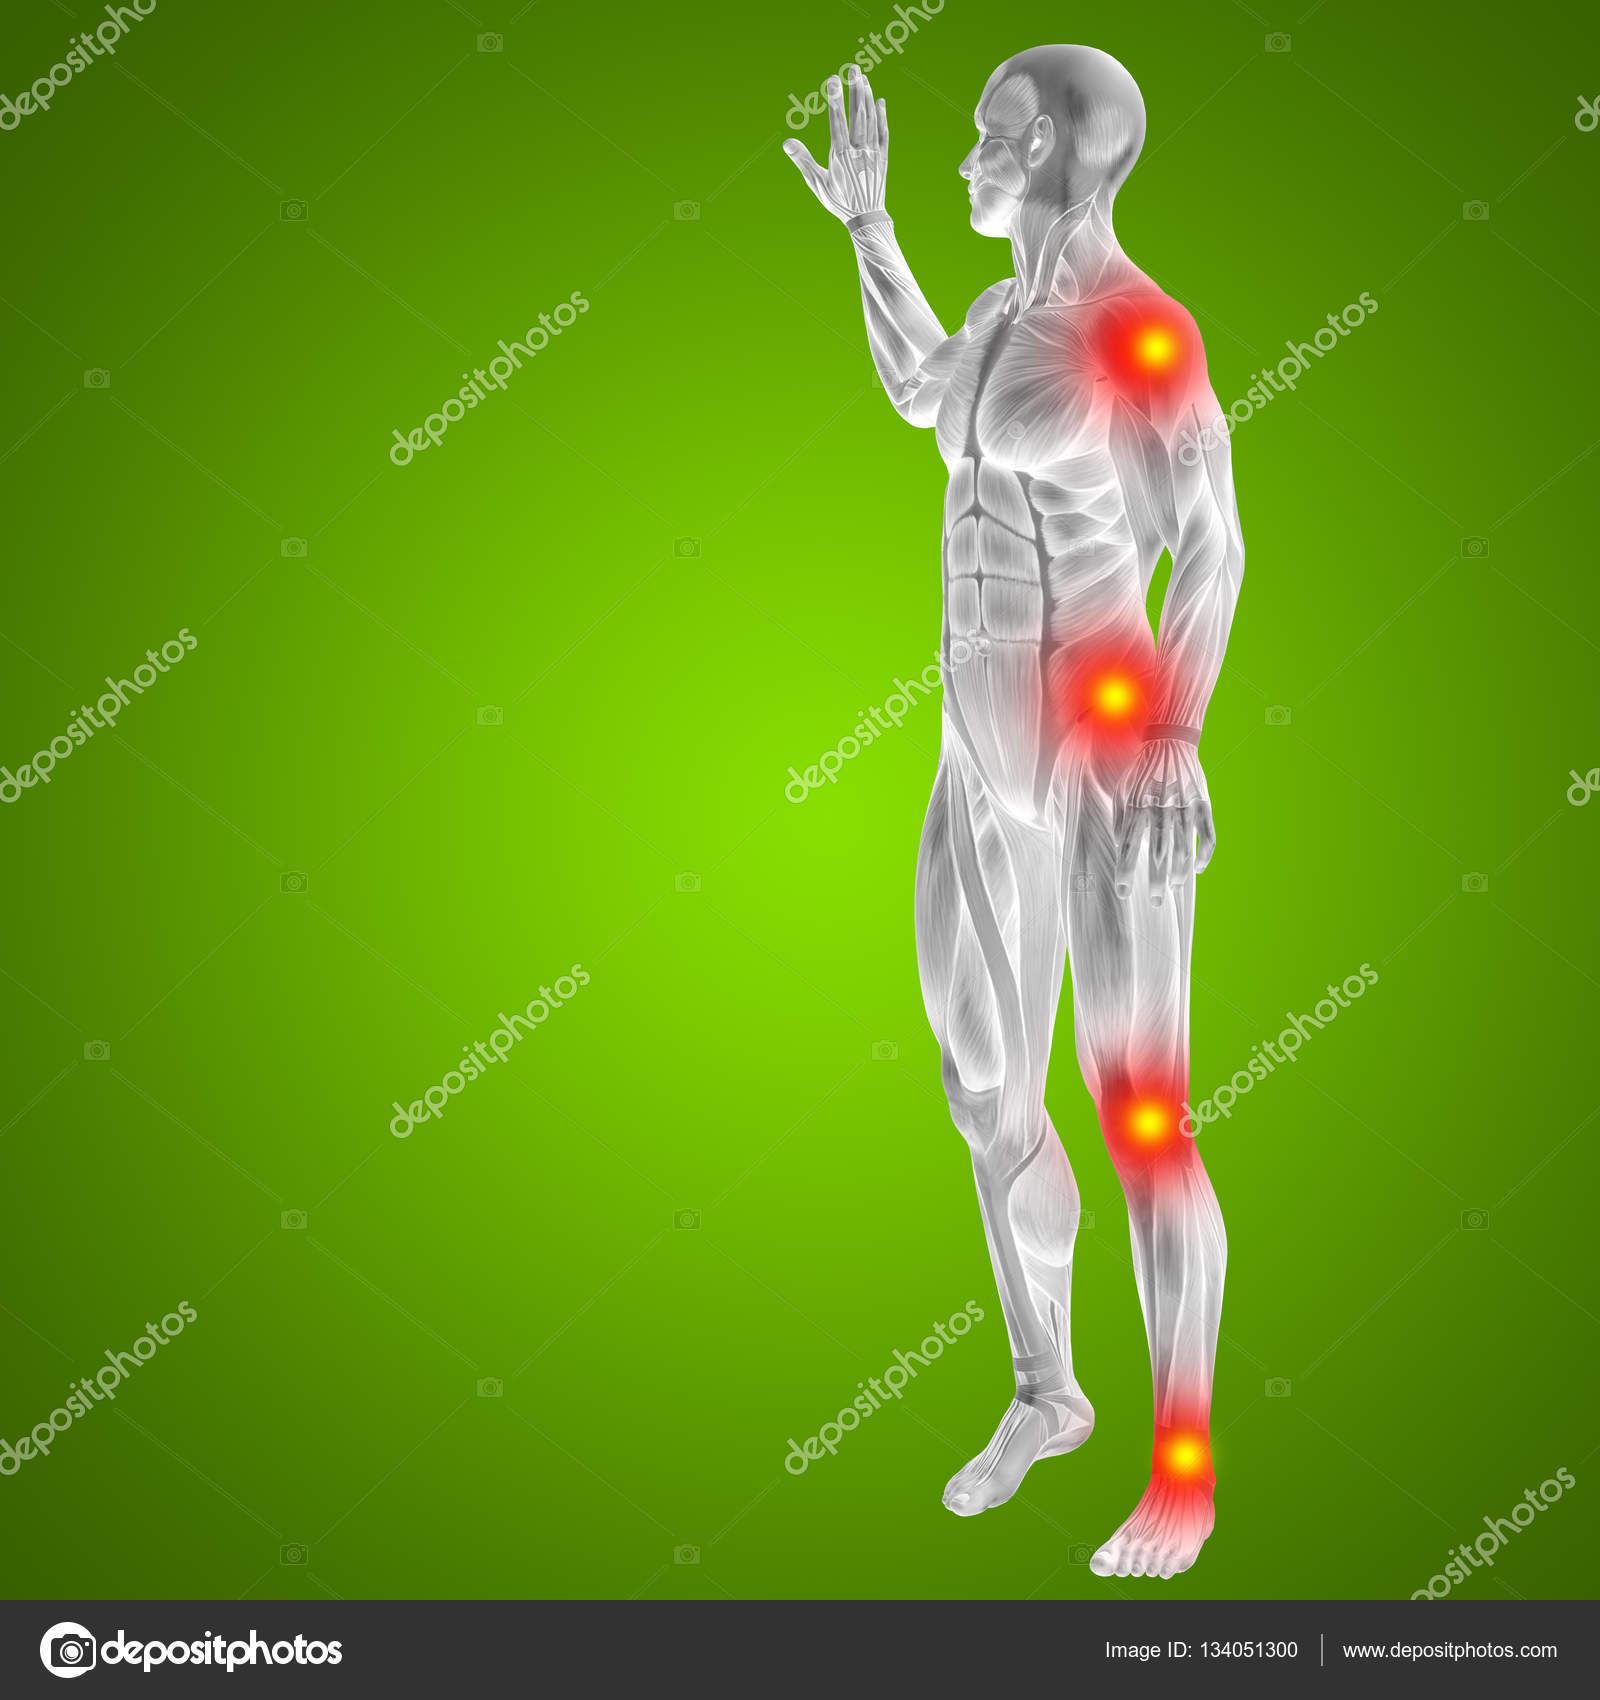 Cuerpo humano con dolor articular — Foto de stock © design36 #134051300